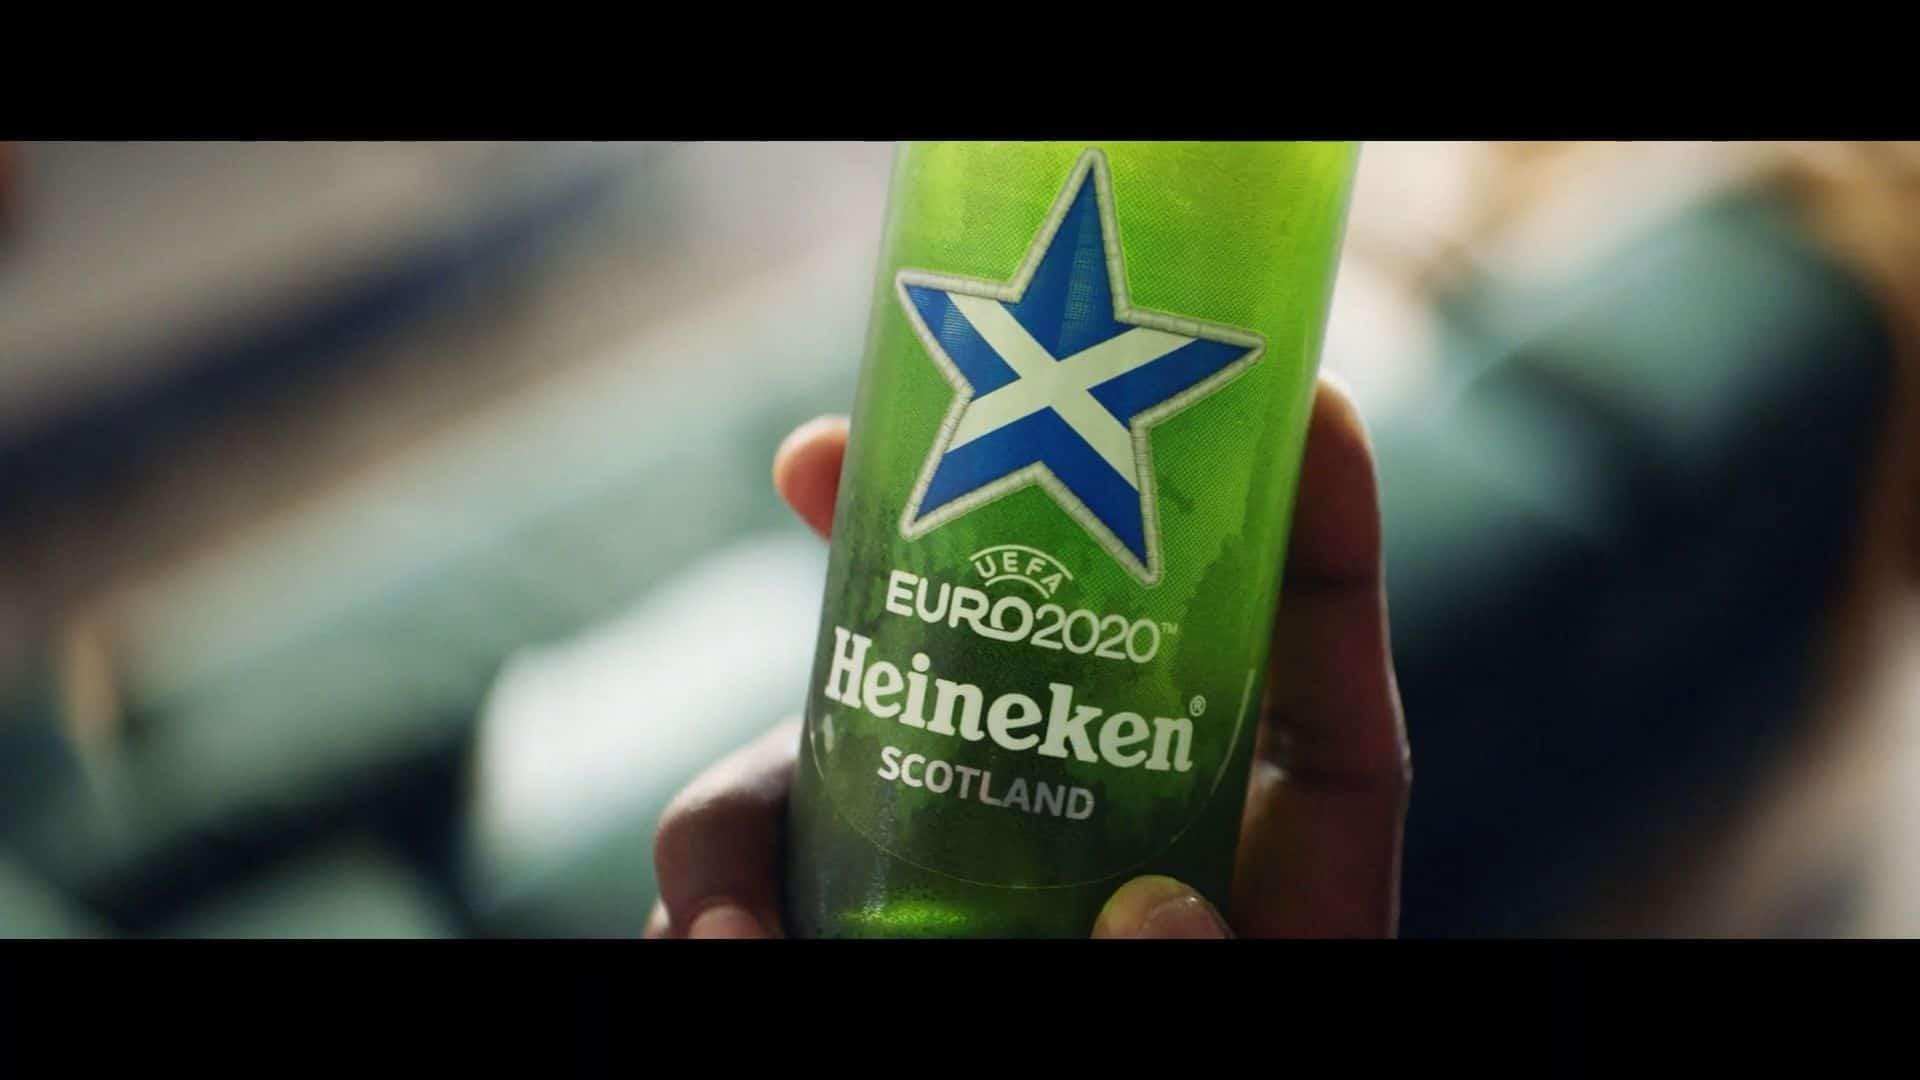 Heineken-_-Finally-together-1080p_25fps_H264-128kbit_AAC-0003